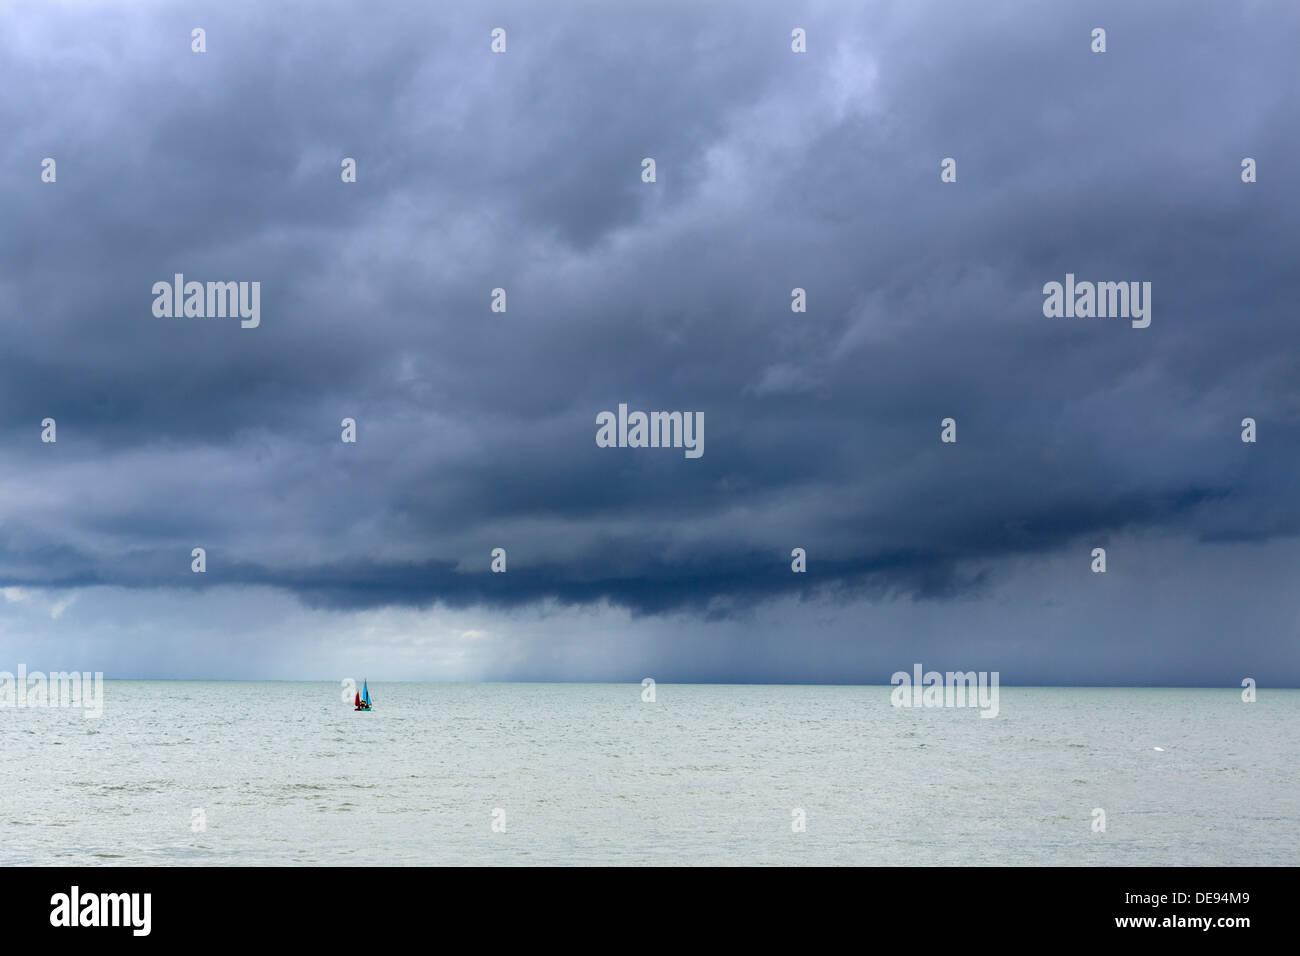 Petit canot voile vers une tempête au large de la côte de la station balnéaire de Aberaeron, Ceredigion, pays de Galles, Royaume-Uni Photo Stock